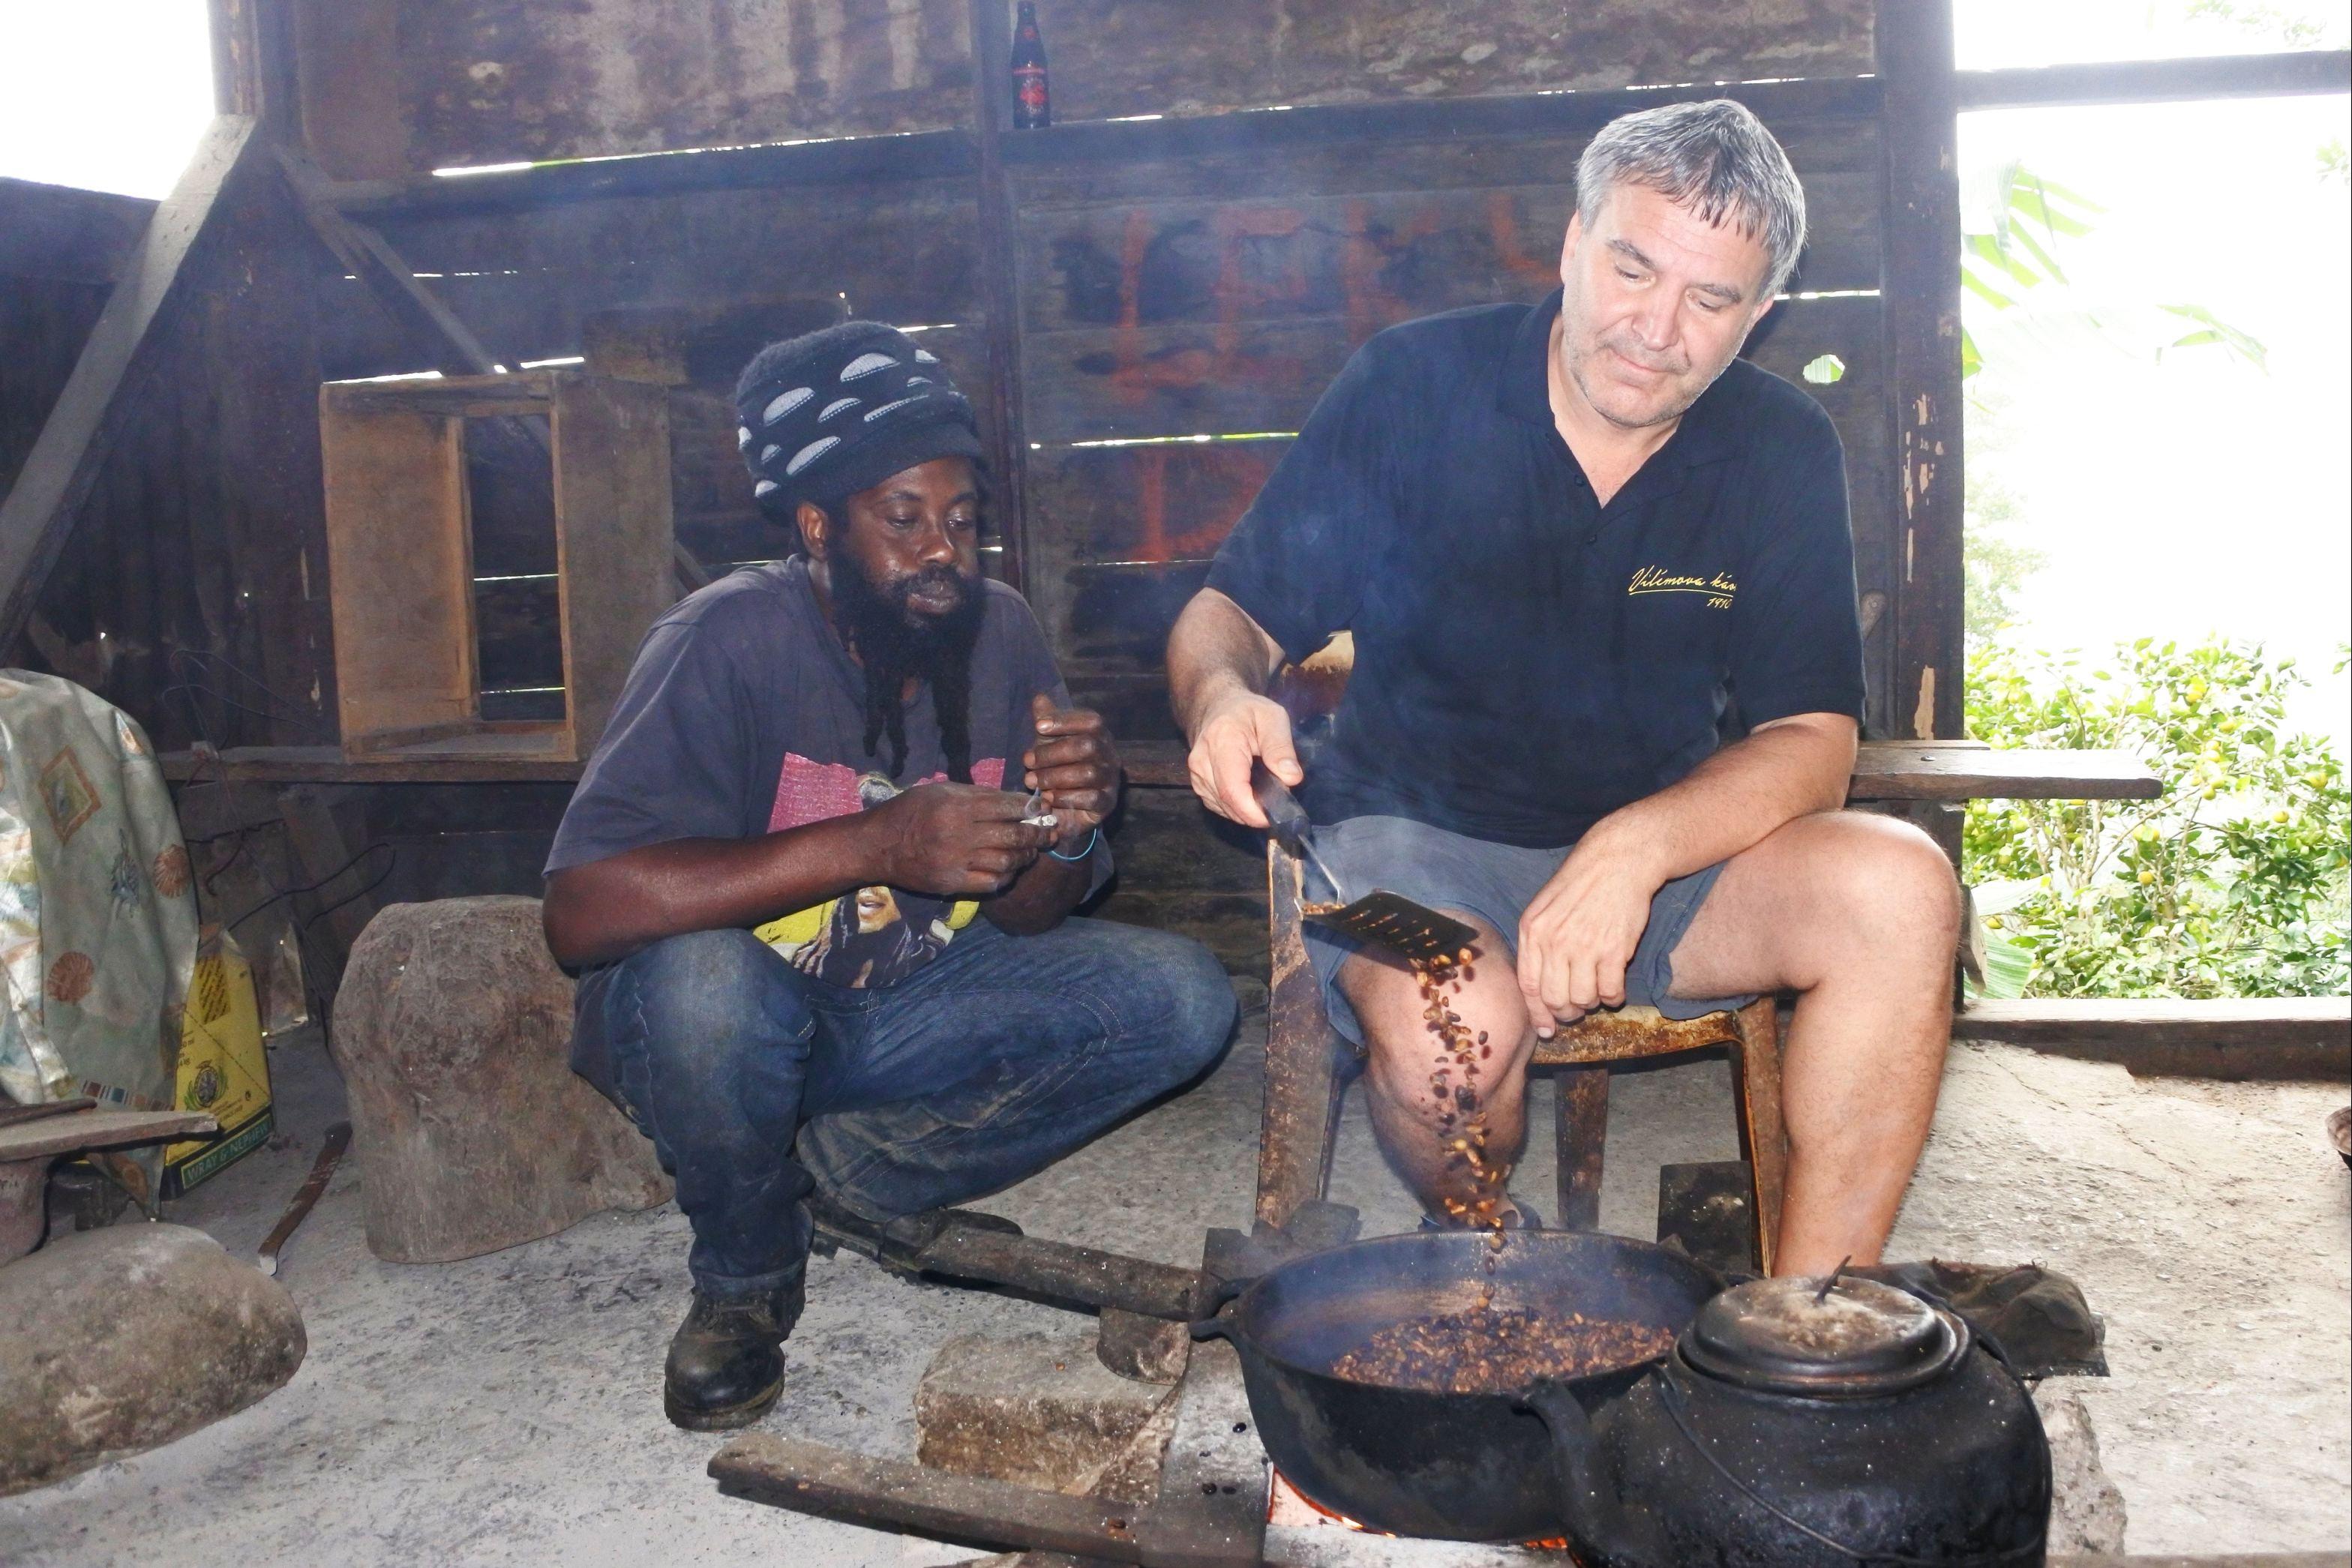 Voňavé putování za kávou s Jiřím Sýkorou - Jamajka